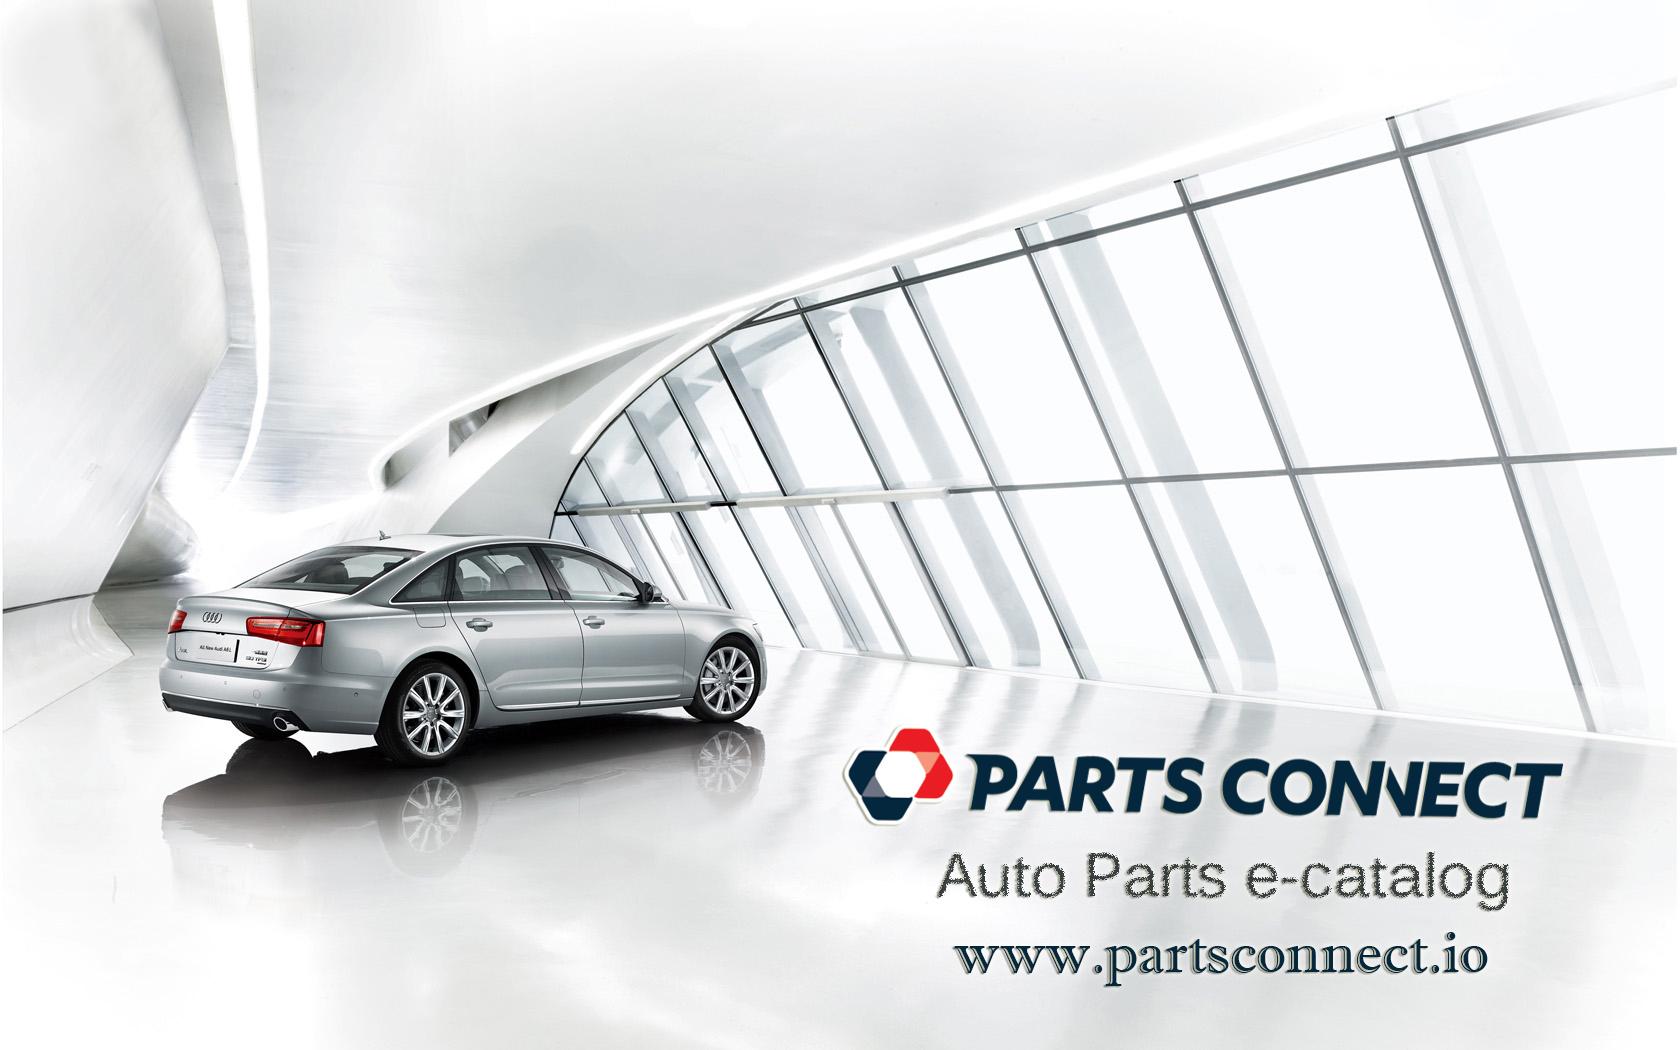 Auto Parts Interchange >> Pennysaver Auto Parts Online E Catalog Vehicle Parts Interchange